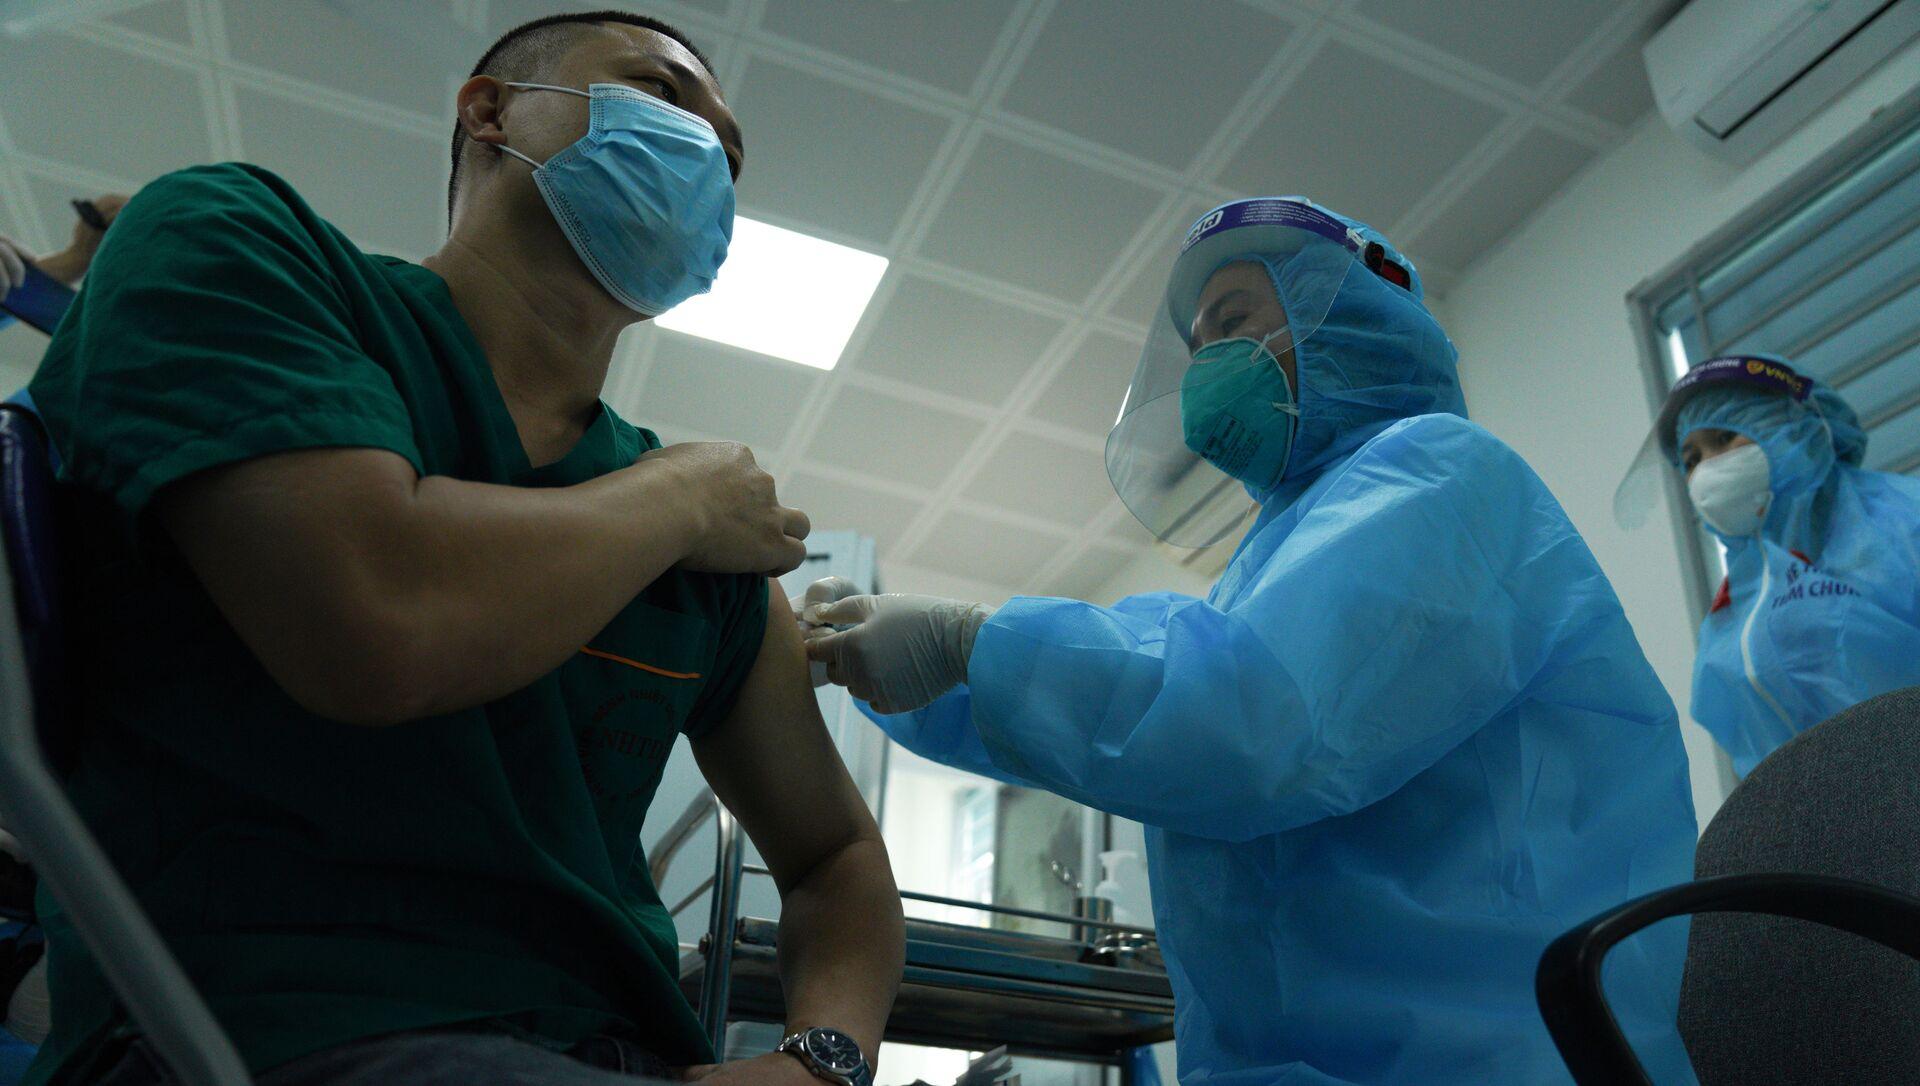 Bệnh nhân đang được tiêm vắc-xin Covid-19 - Sputnik Việt Nam, 1920, 14.03.2021